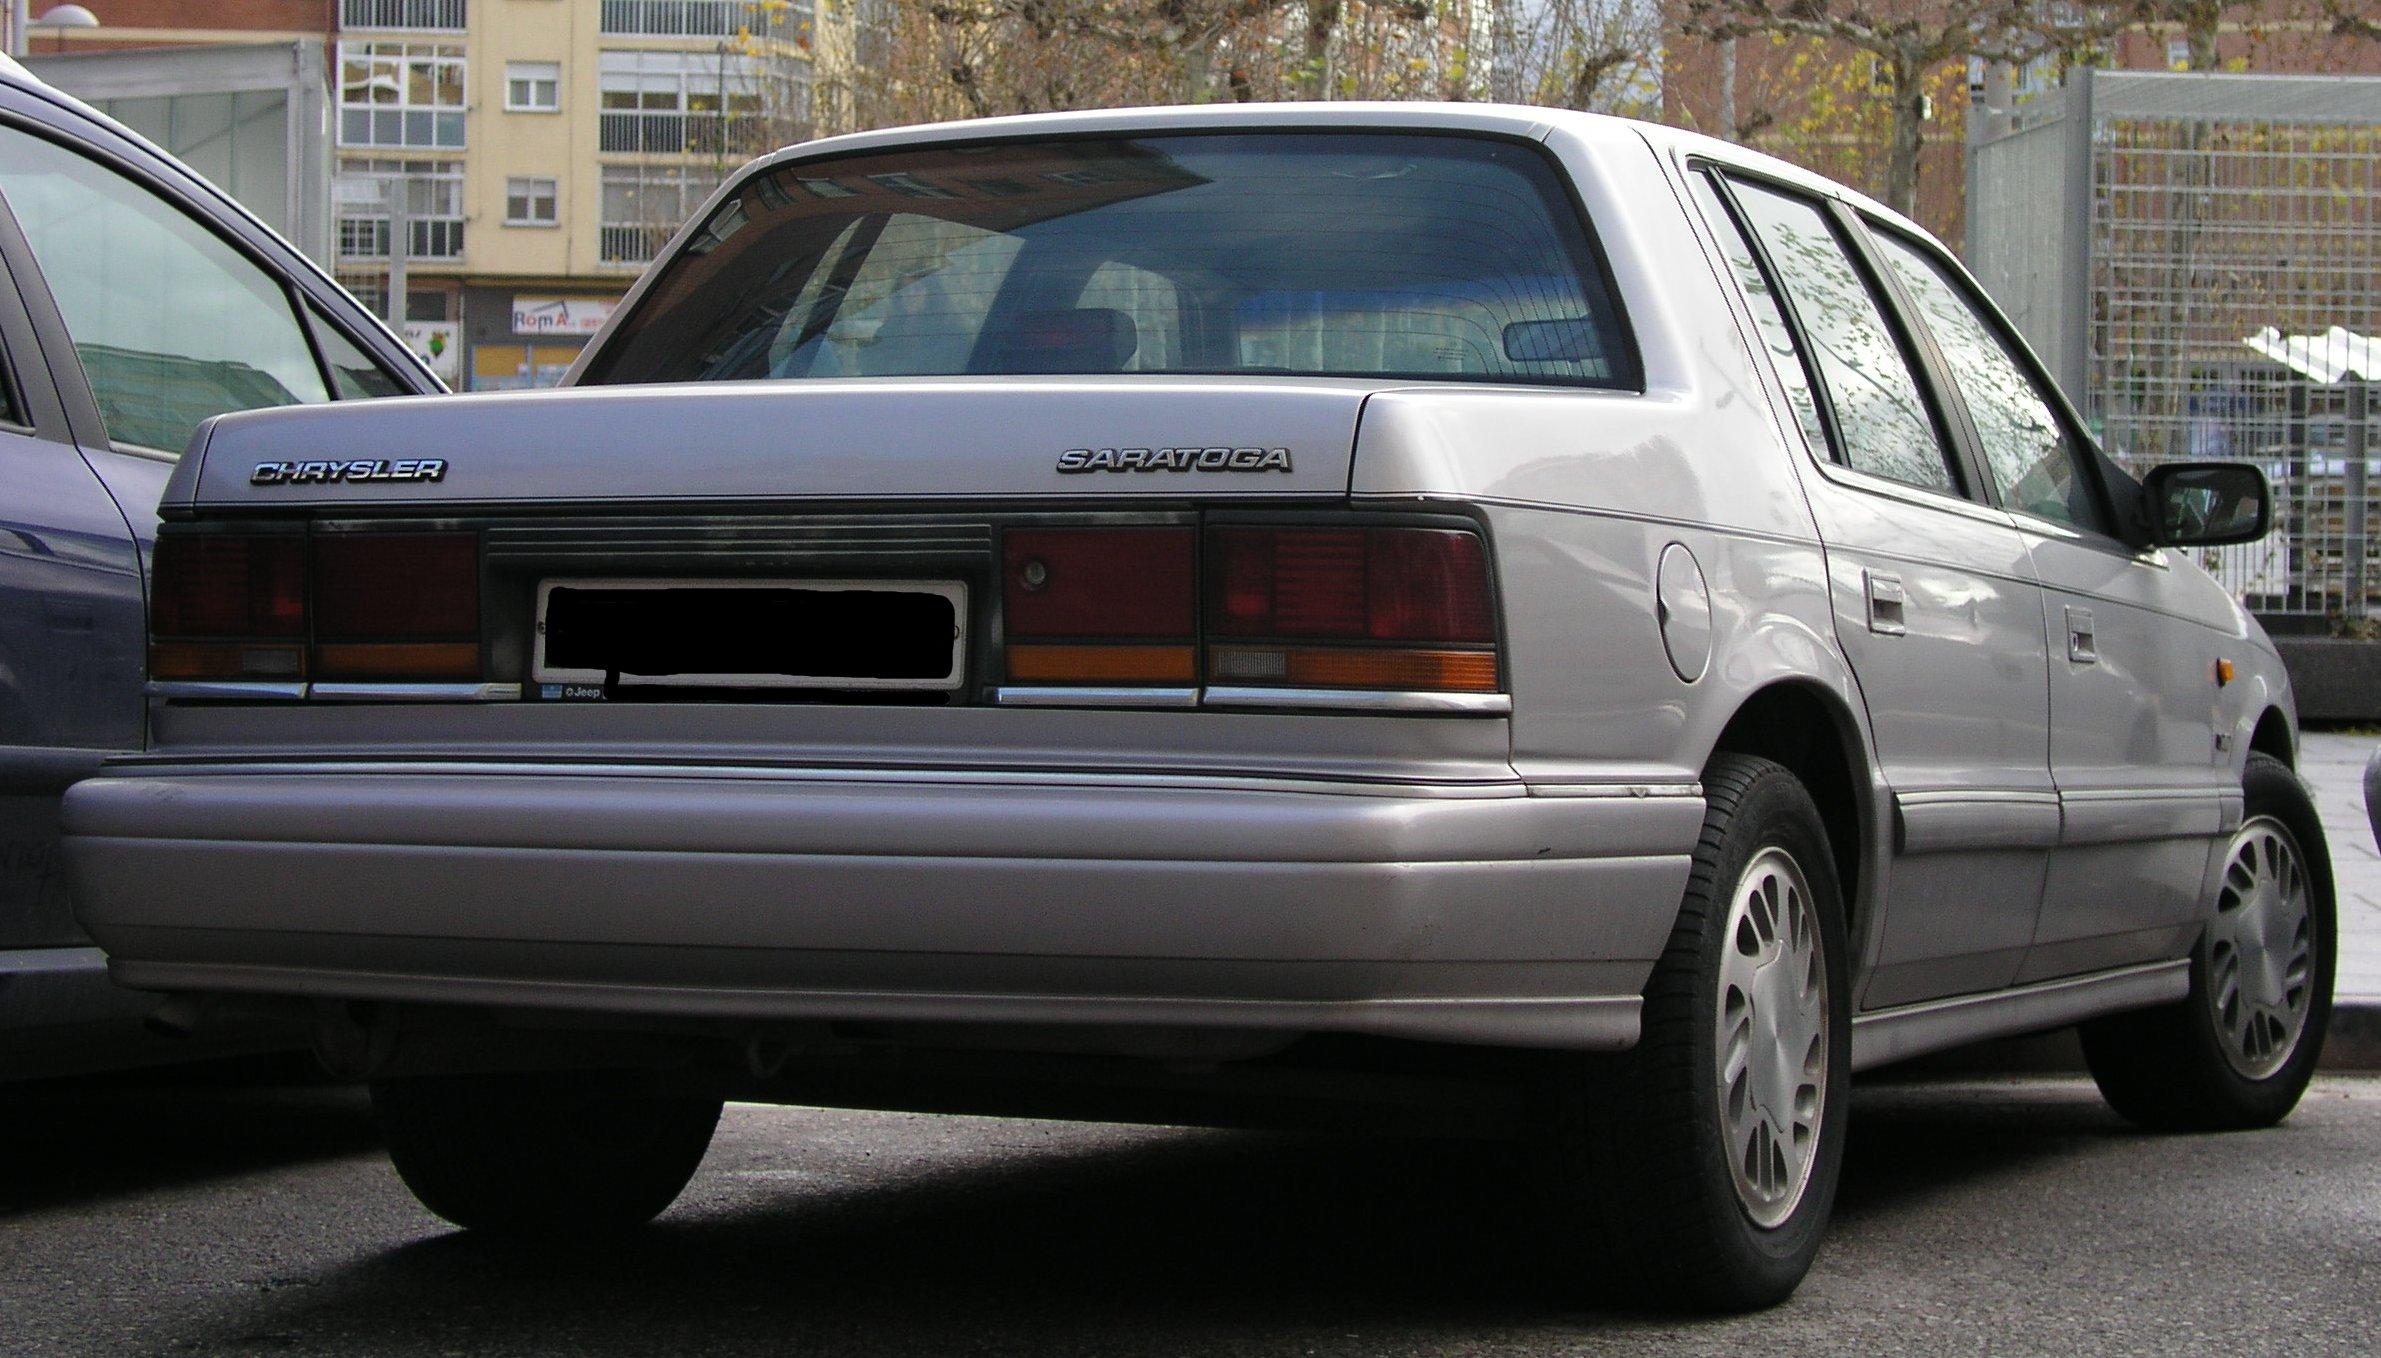 Chrysler Saratoga 1989 - 1995 Sedan #5